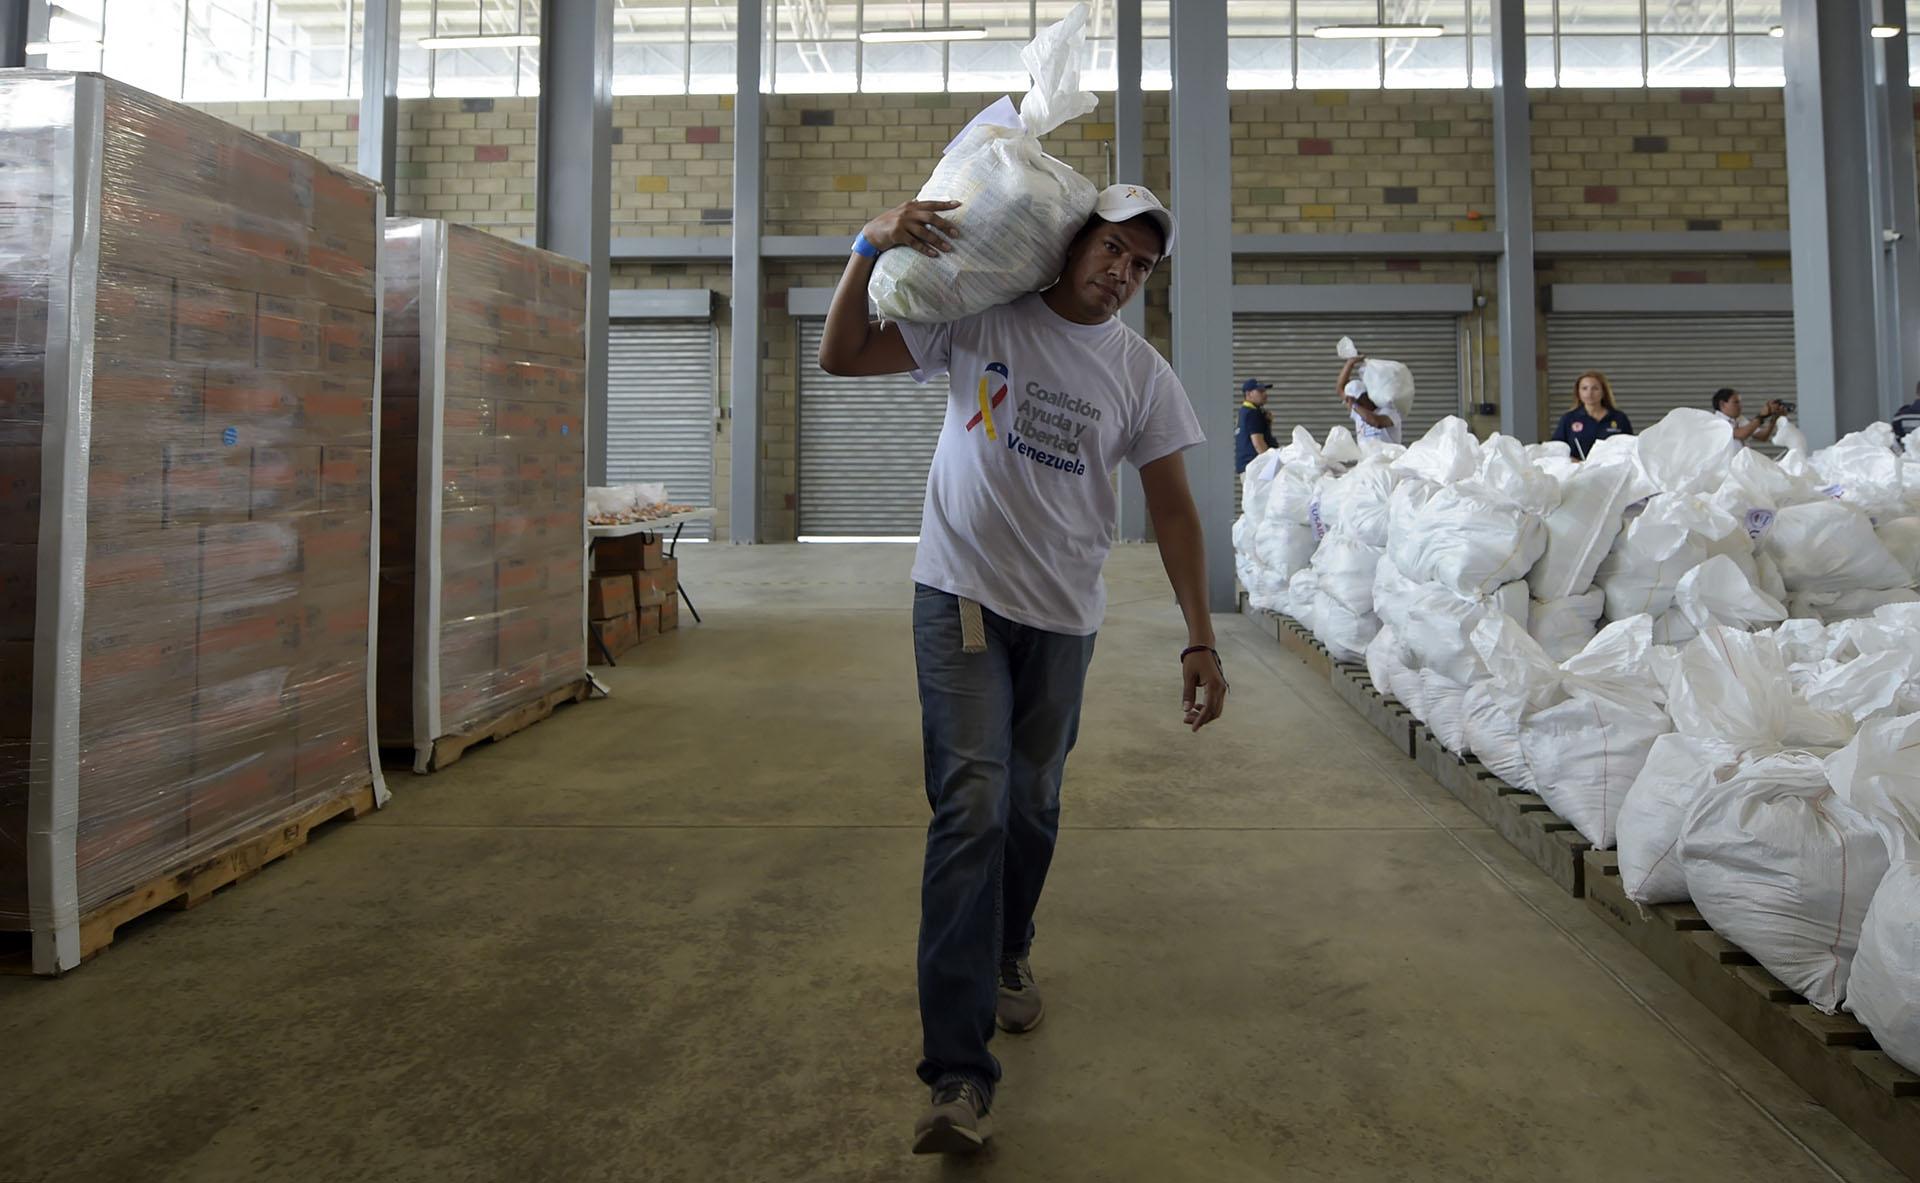 Lester Toledo, quien representa a Guaidó en la misión de ayuda en Cúcuta, emitió un mensaje a las tropas venezolanas en el que les dijo que la ayuda contiene alimentos y medicamentos que sus propias familias necesitan